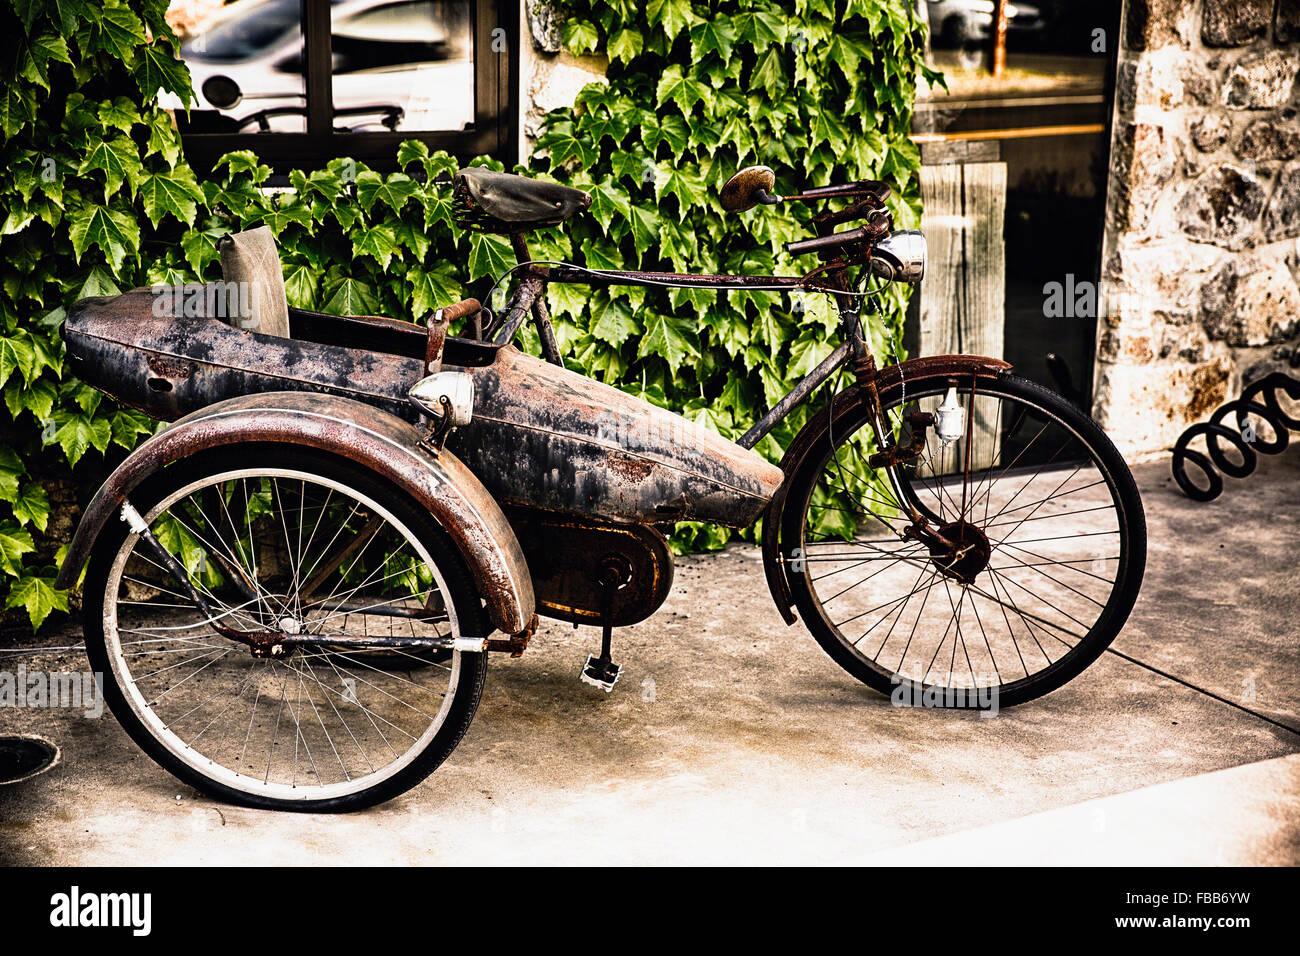 Vue rapprochée d'un vélo classique avec un Side car, Yountville, Napa Valley, Californie Photo Stock